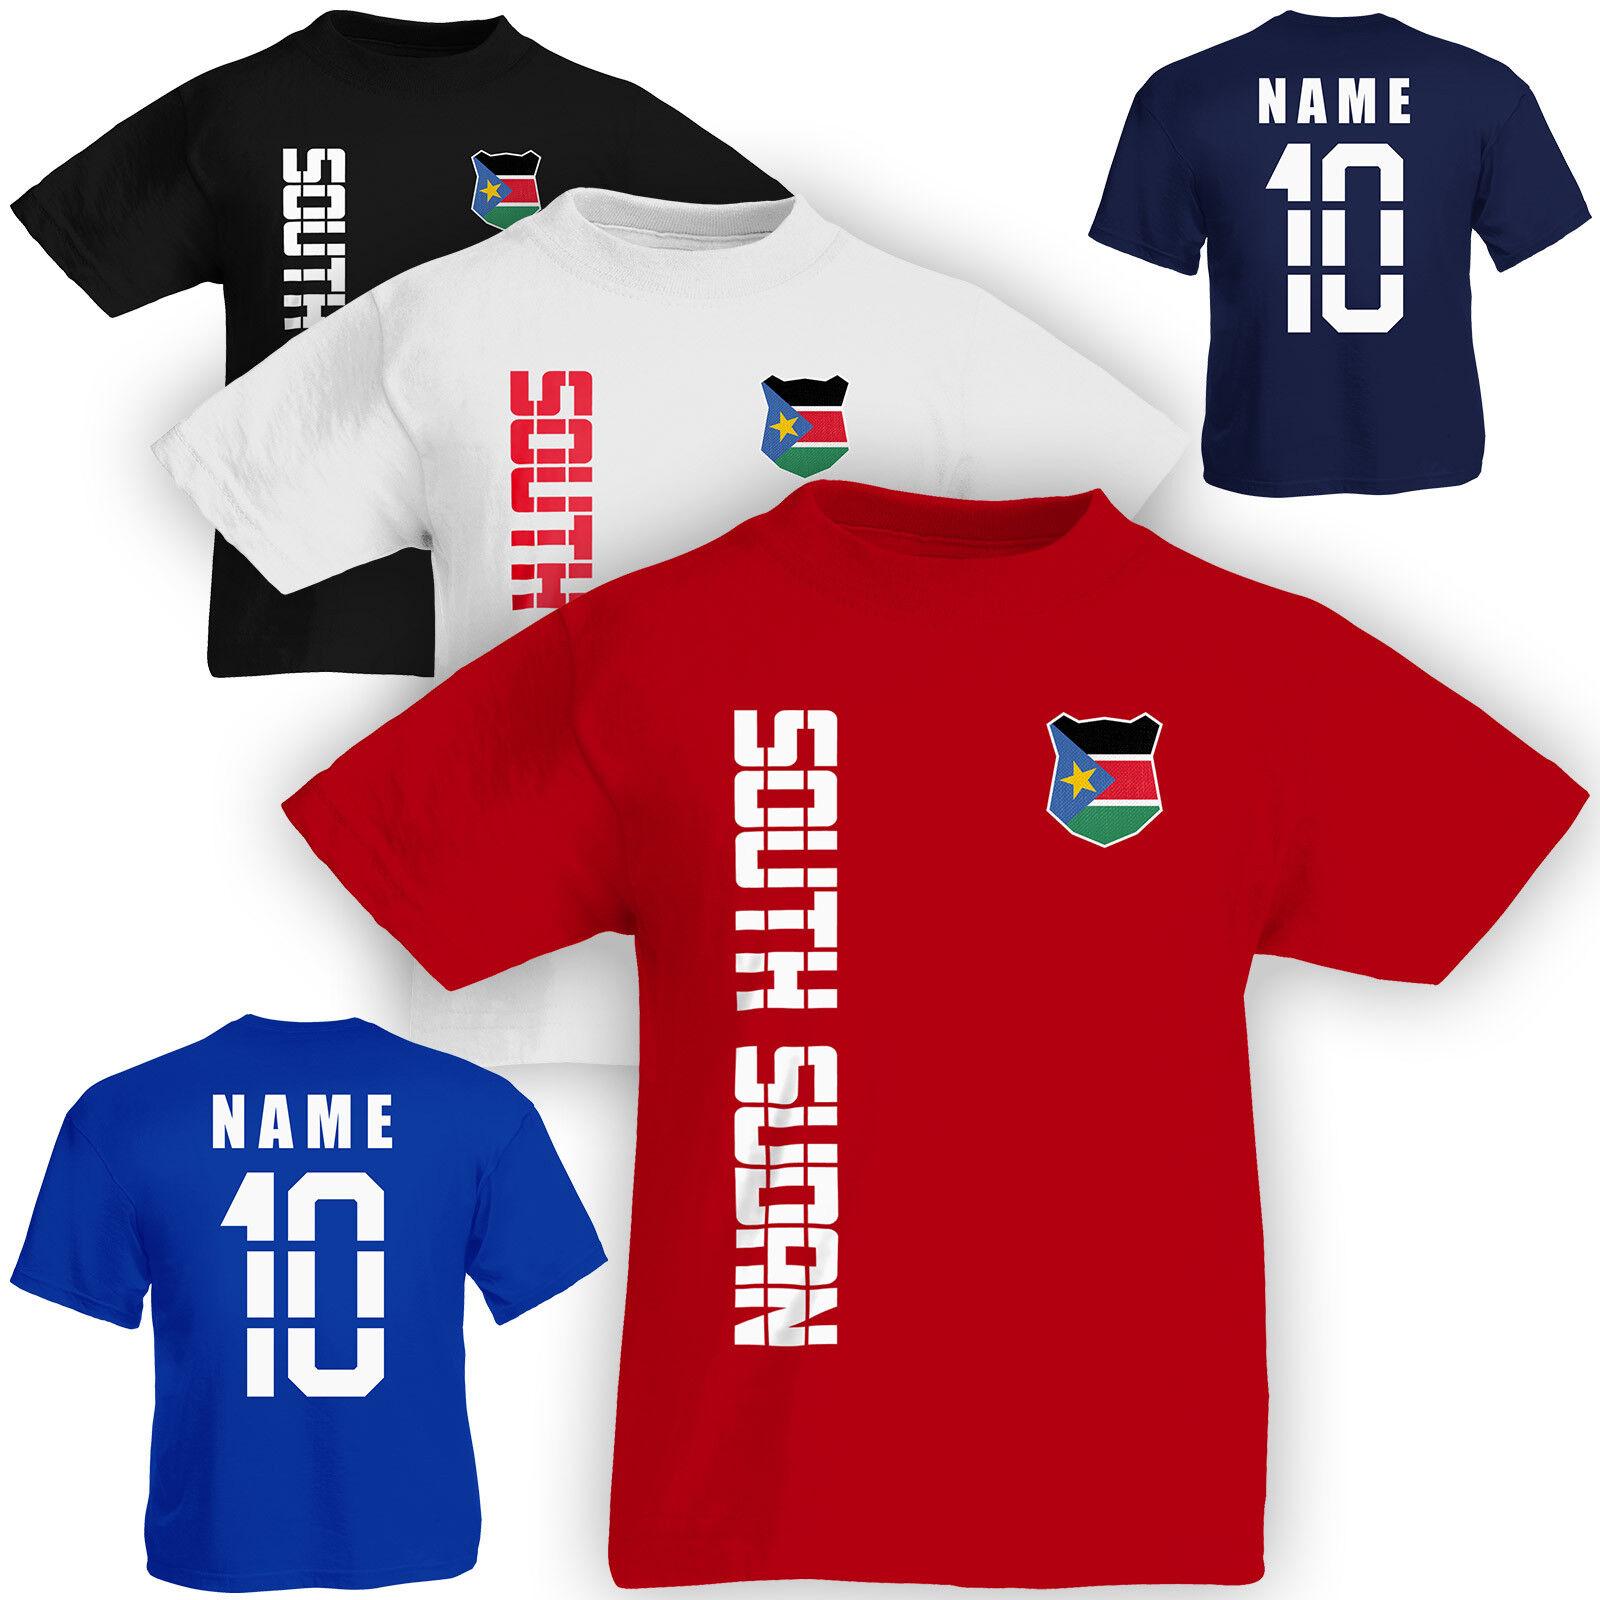 Wunschnummer WM Druck Wunschname u FanShirts4u Kinder Fanshirt Trikot Jersey S/ÜD Afrika Africa T-Shirt inkl